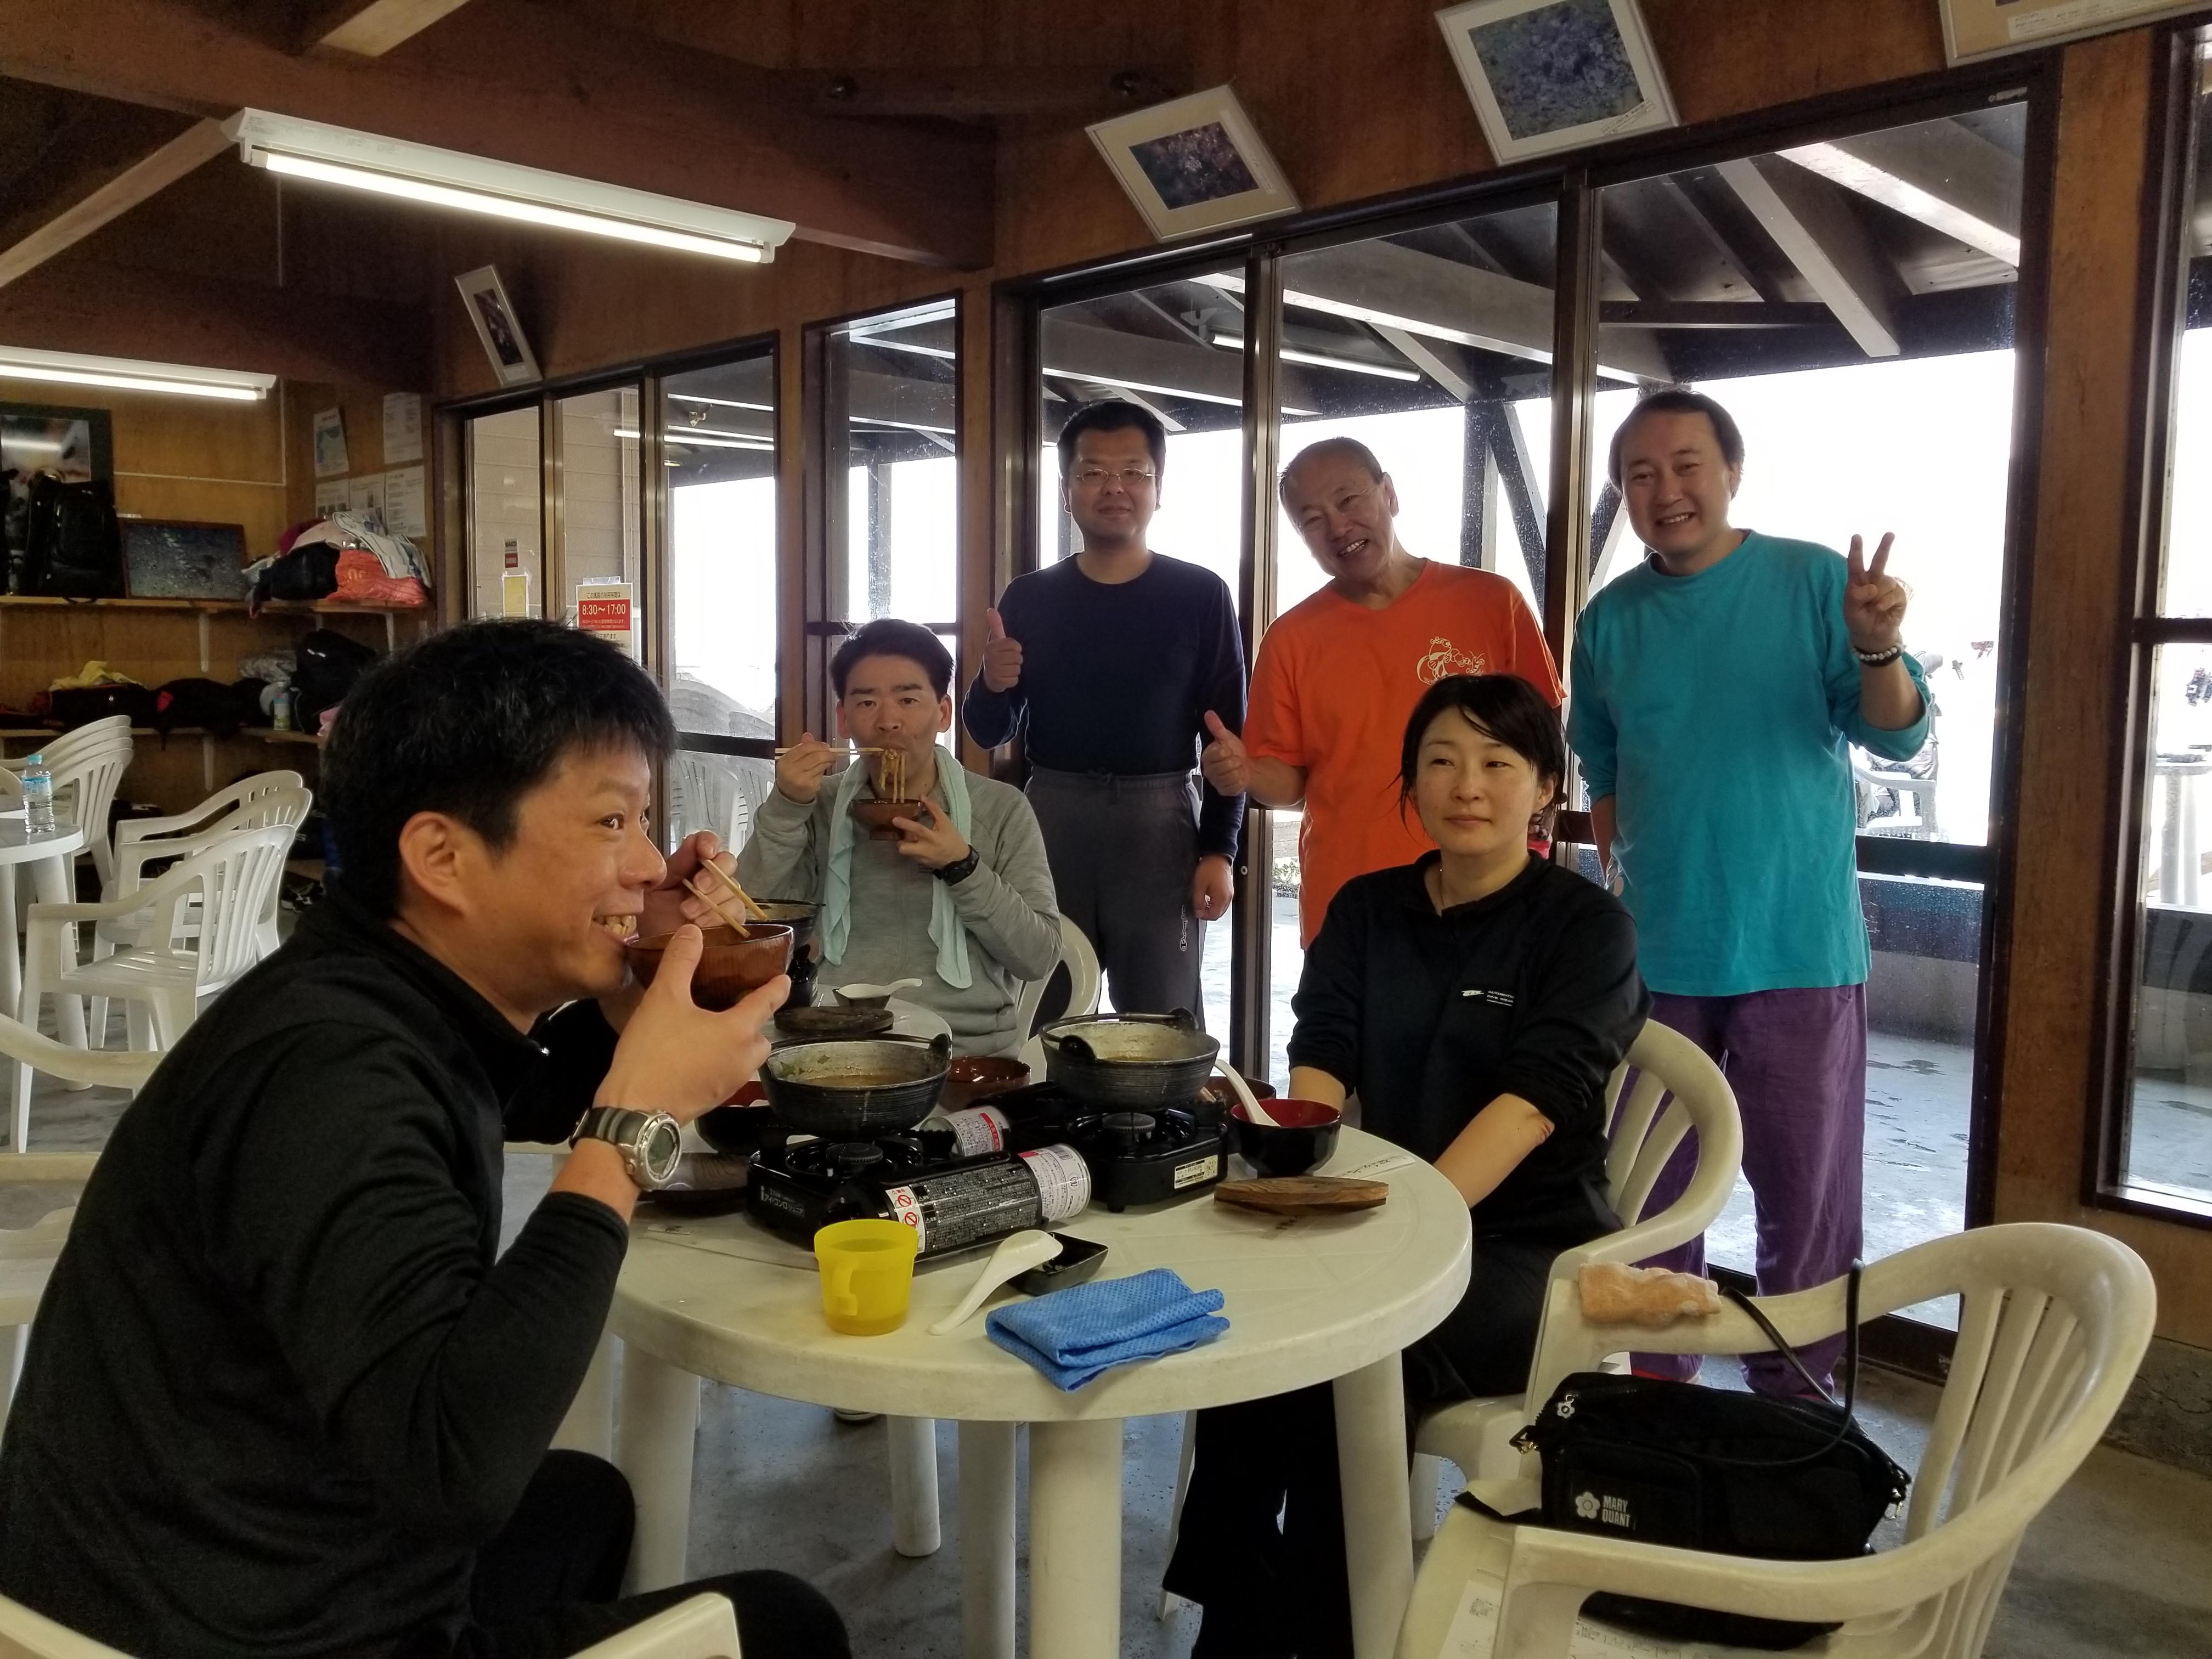 19-04-20odaka,miyamoto,inoue,satou,satou20190420_132445